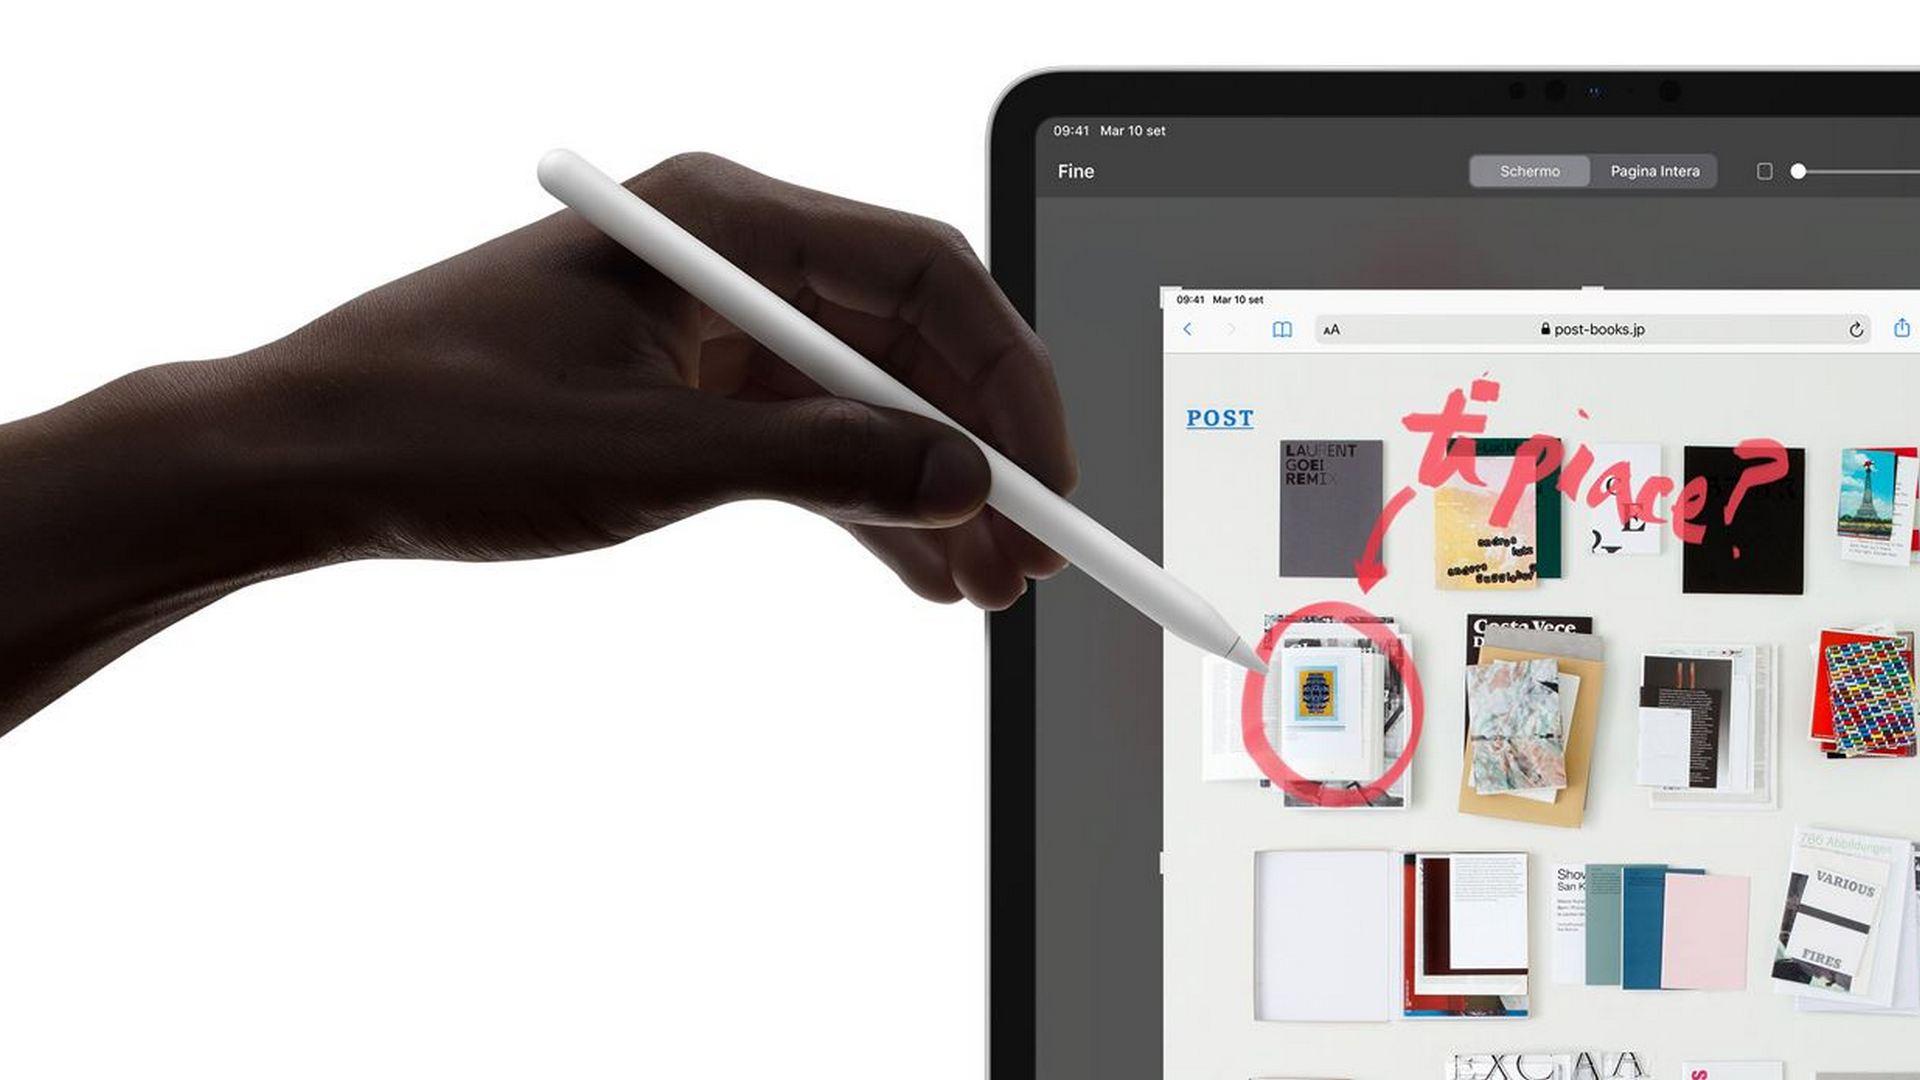 offerte mediaworld apple pencil 2